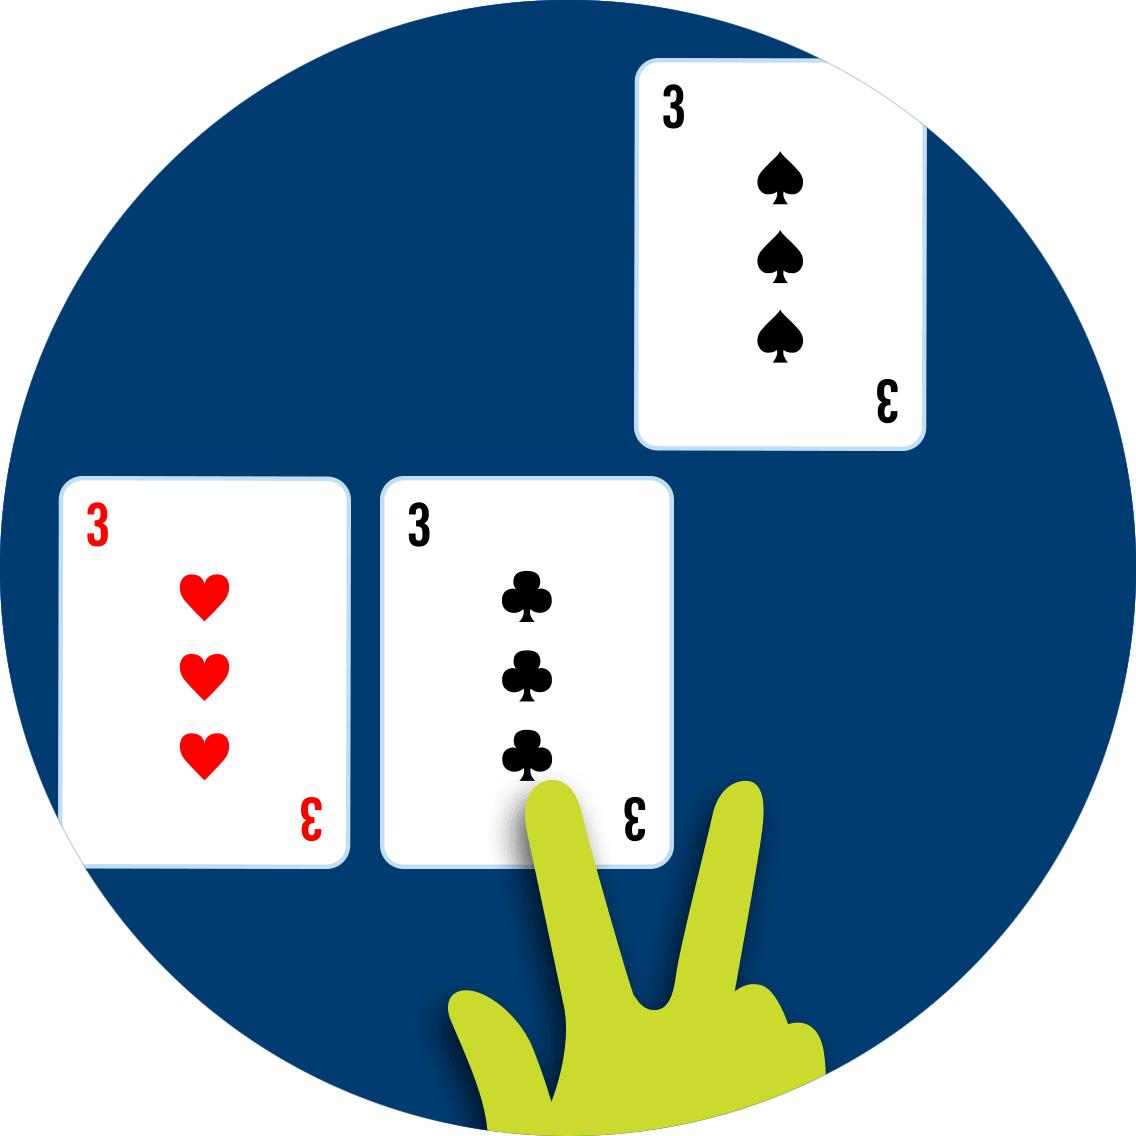 黑桃3从已经分成两手牌的红心3和梅花3分拆开来。